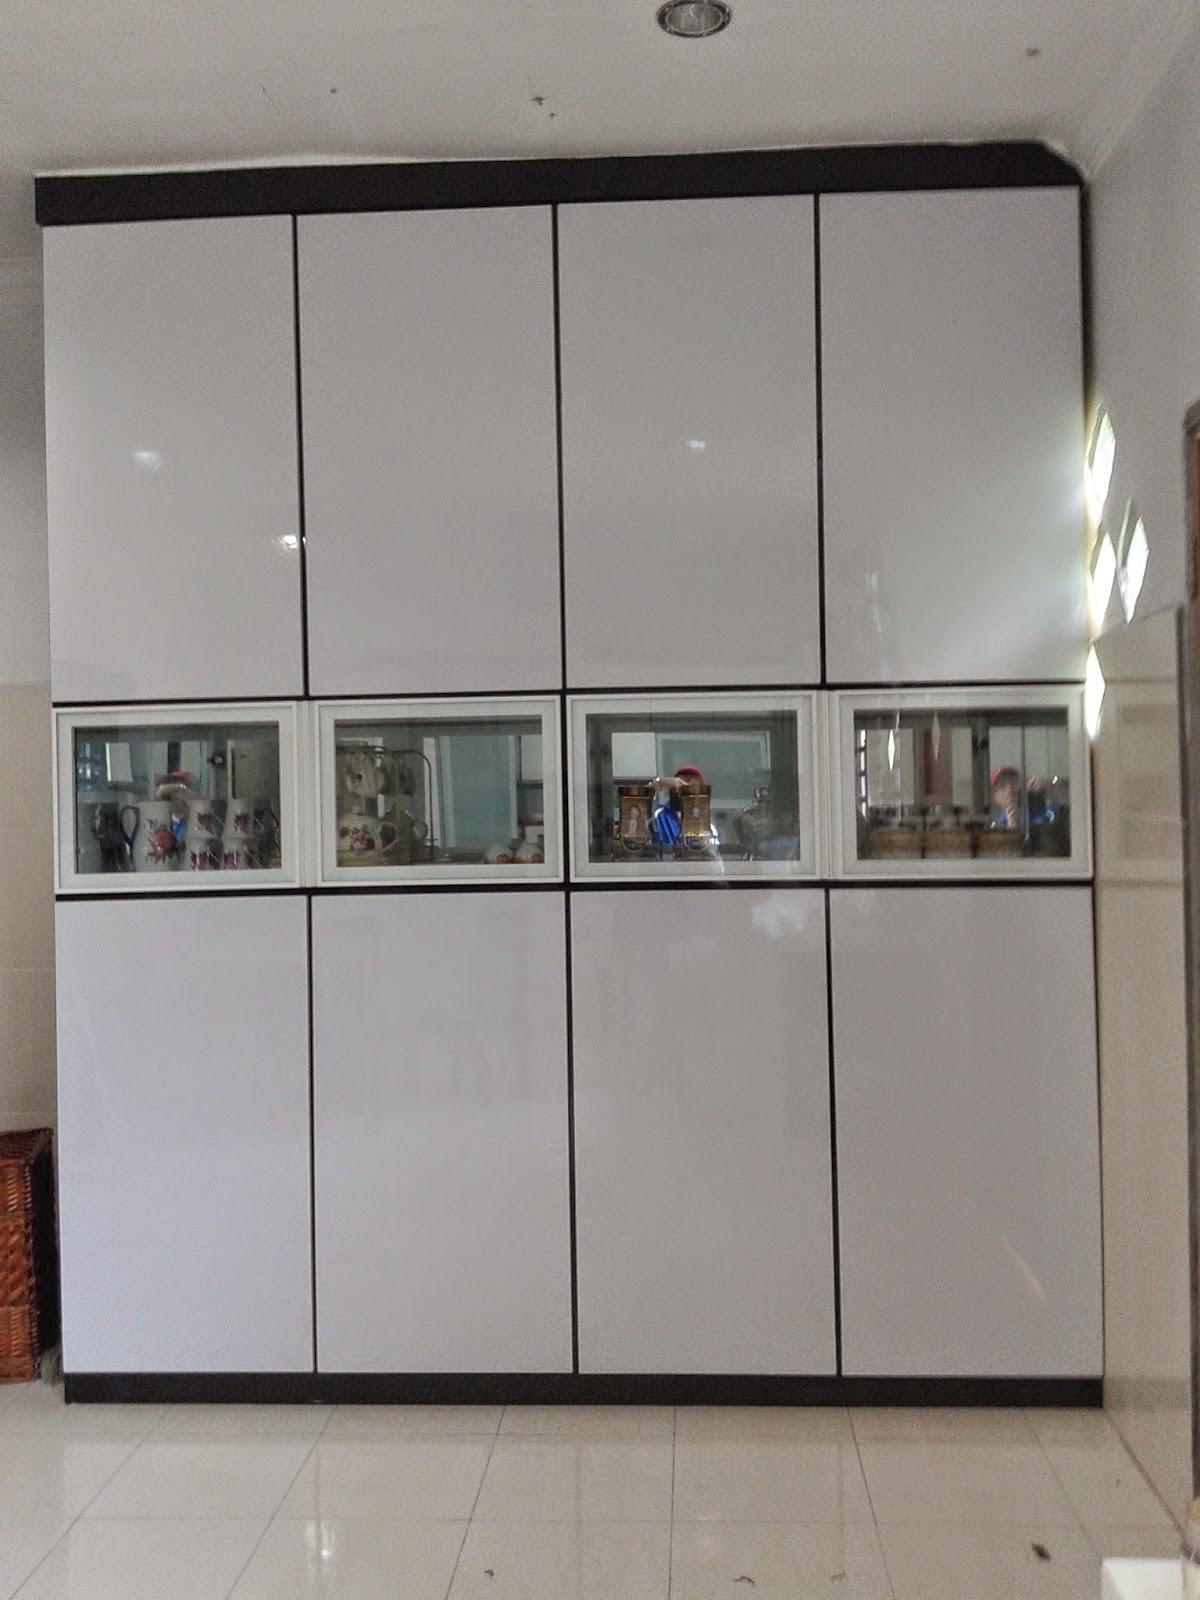 Bahagian Dalam Kabinet Ni Boleh Menyimpan Periok Alat Memasak Dan Carpet Rumah Kotak Bercermin Diletn Set Cawan Pinggan Mangkok Yang